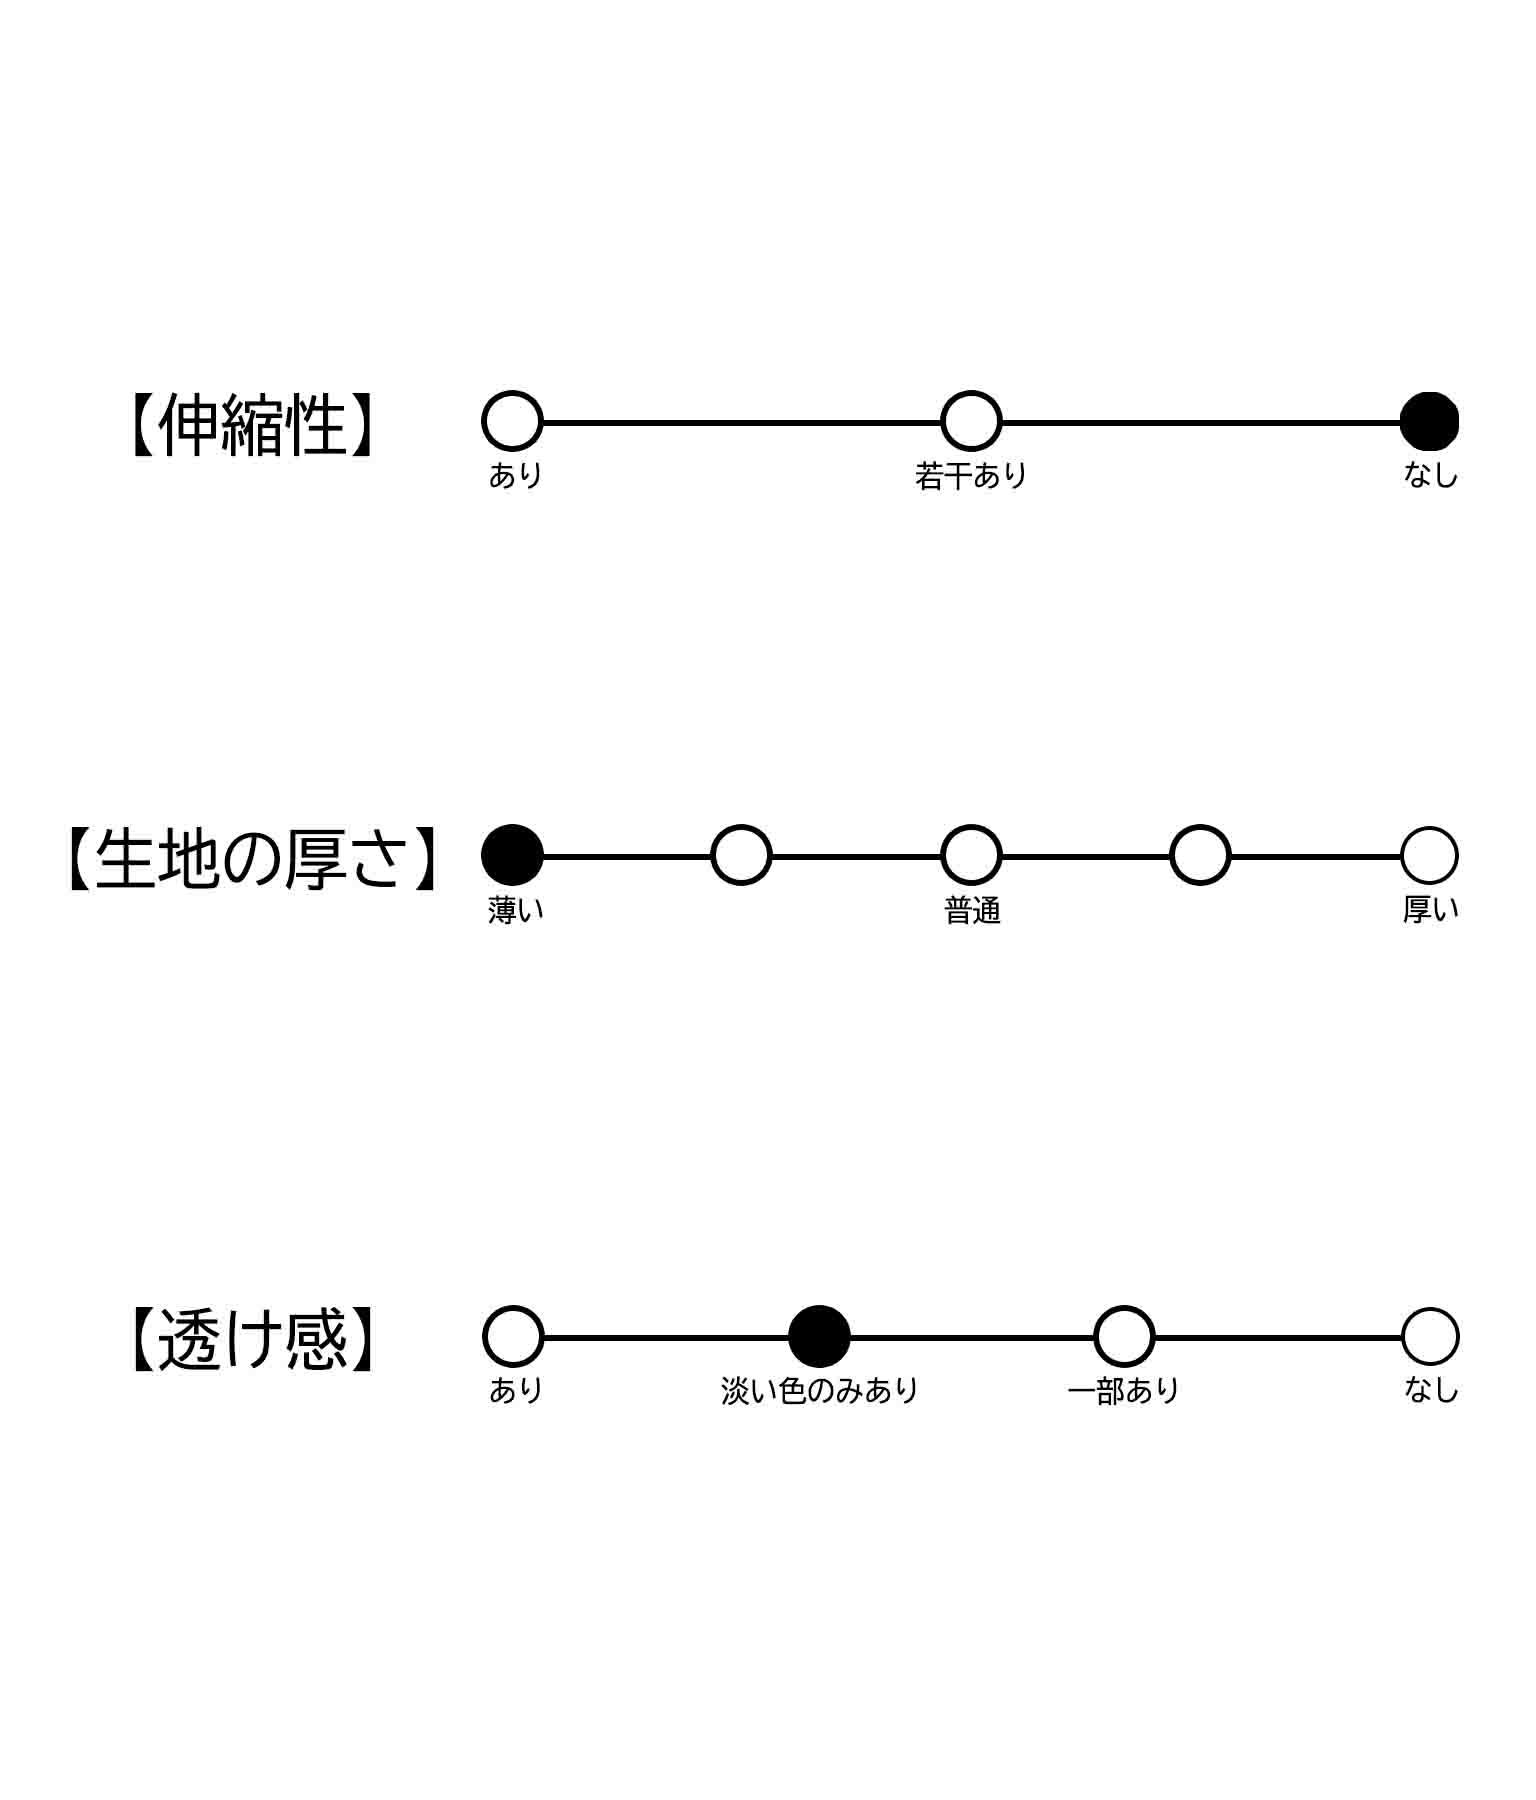 ドット柄キャミソール | CHILLE